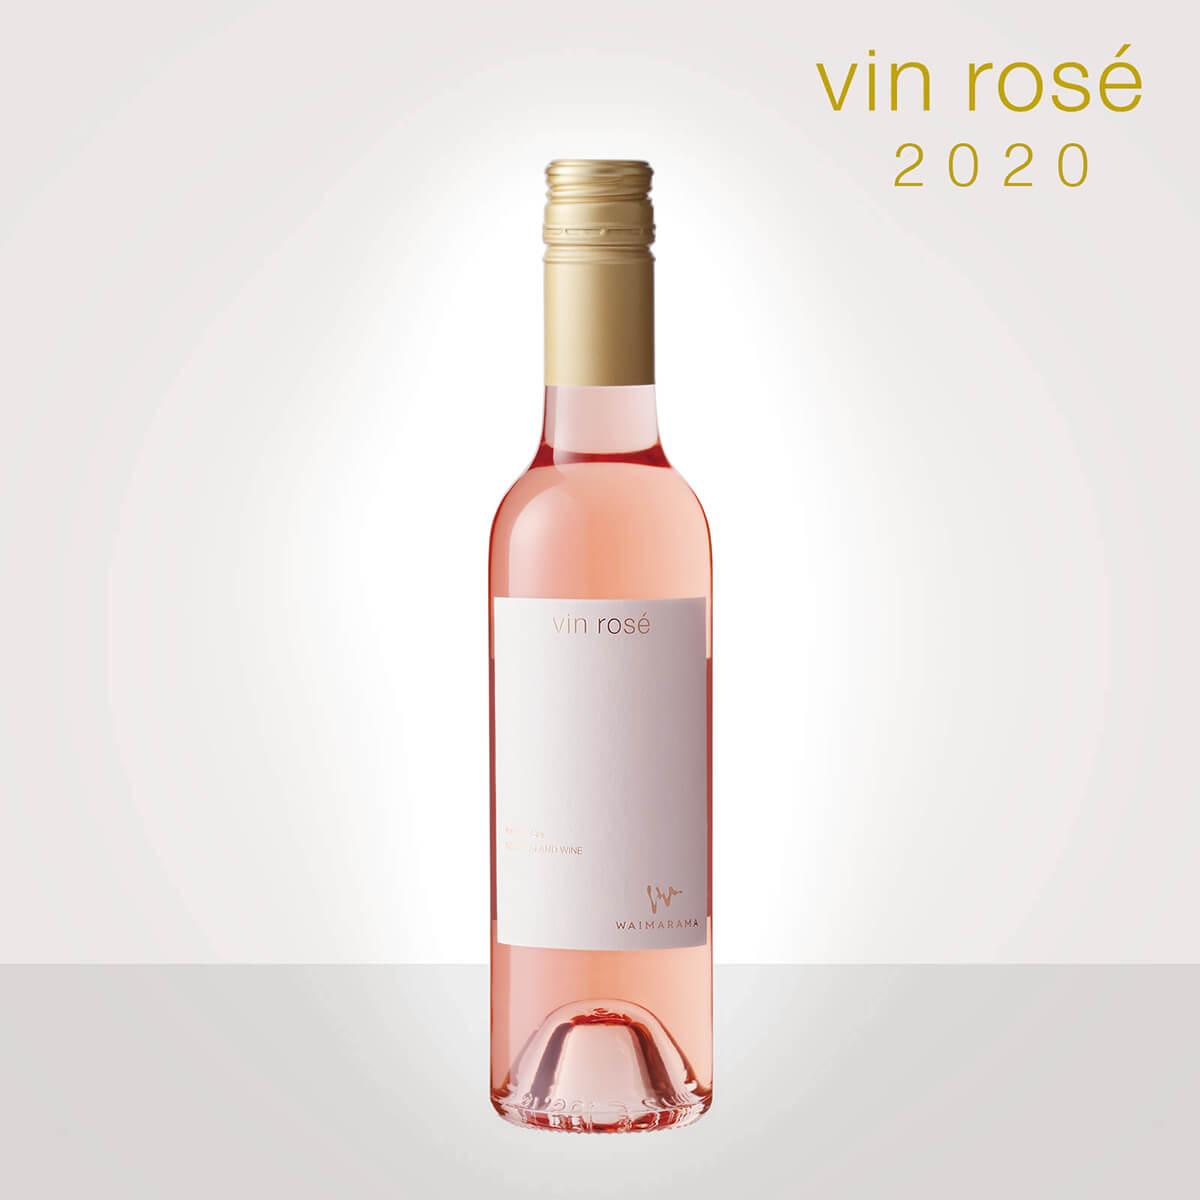 画像1: vin rose 2020 ハーフ375ml (1)